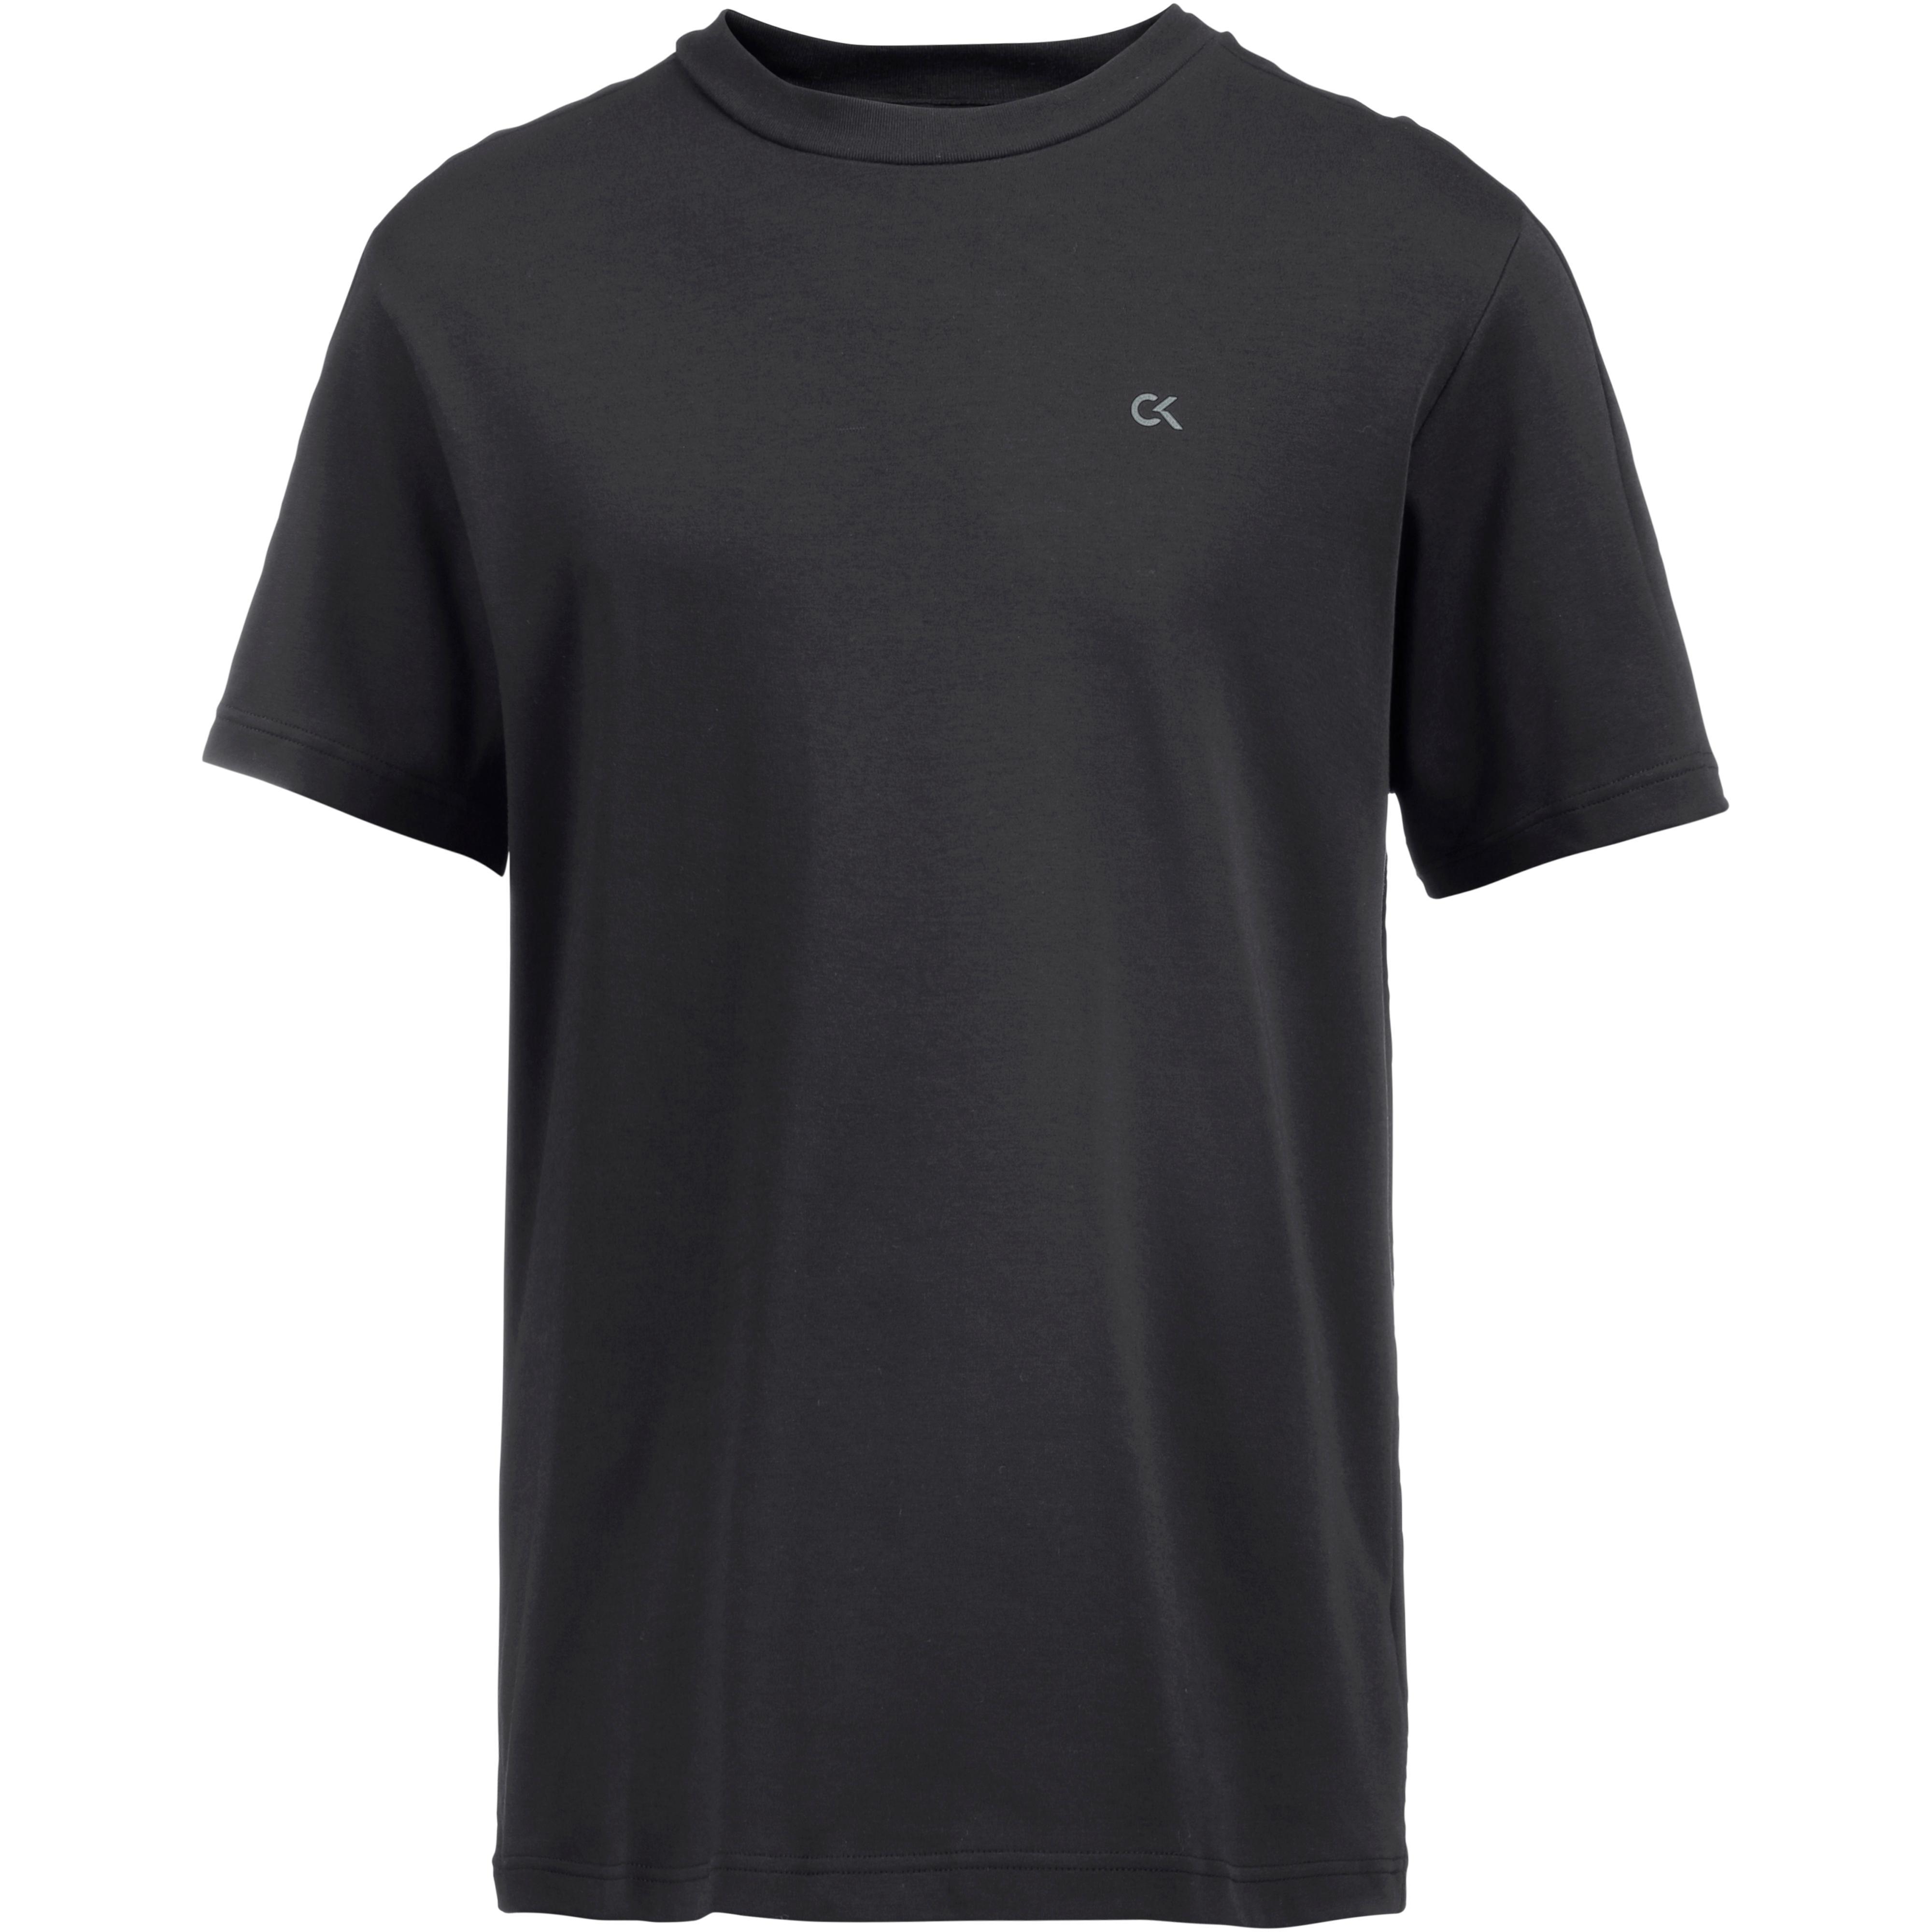 T Calvin Sportscheck Von Black Shirt Online Klein Ck Im Shop Herren fyb6gv7IY